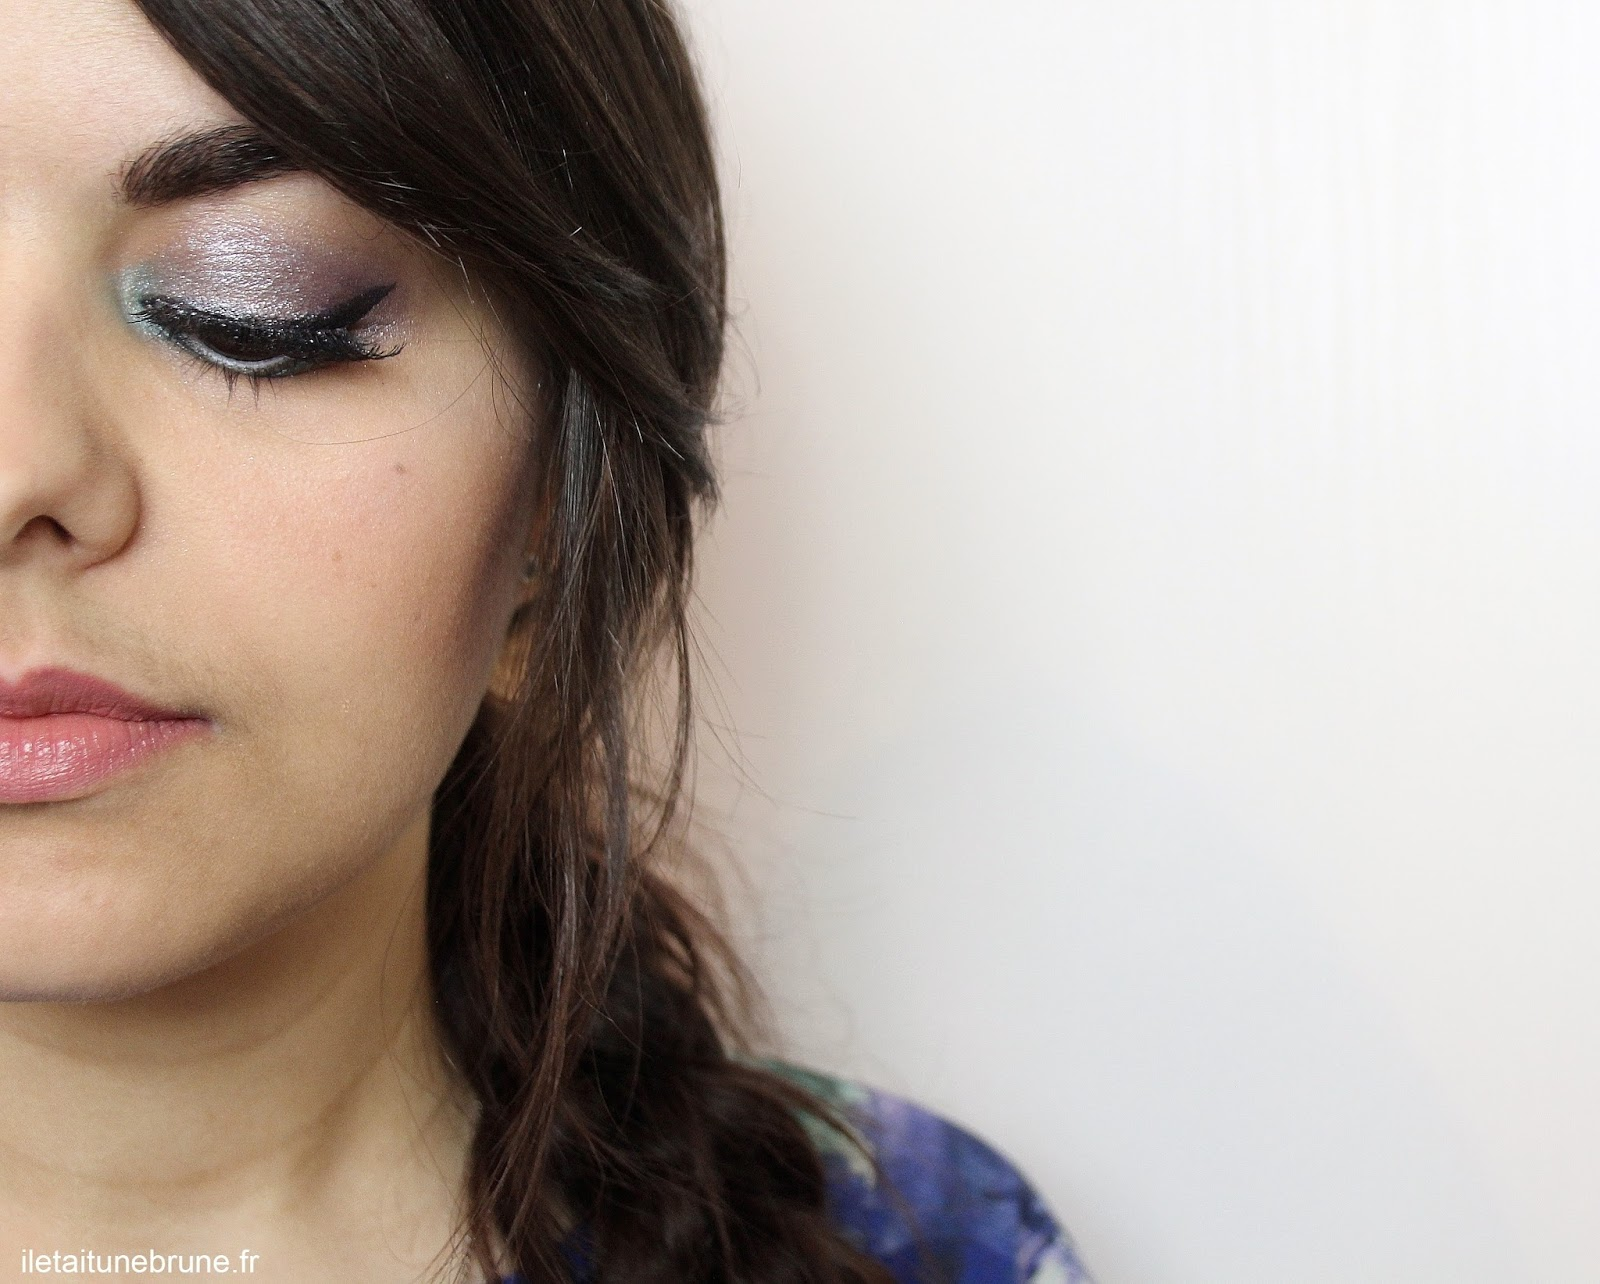 maquillage des yeux style holographique bleu azur, argenté, violet